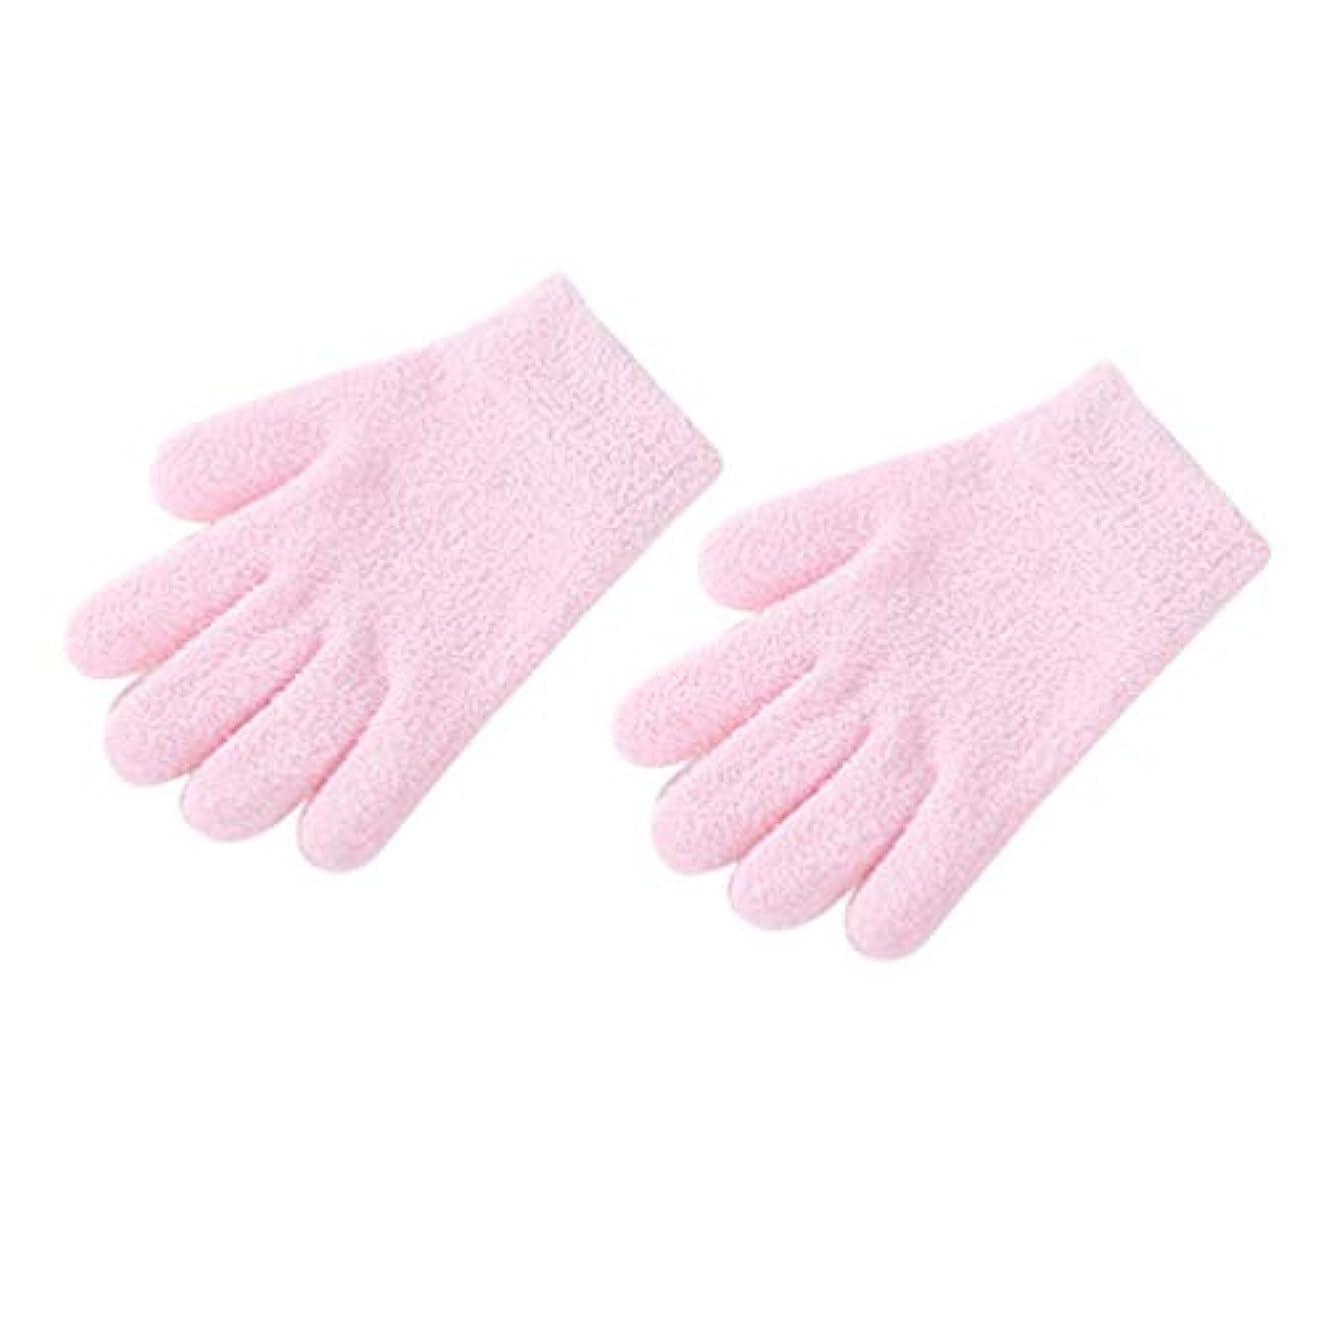 スカリー電報注文Healifty 美容用保湿手袋スキンケア手袋(ピンク)